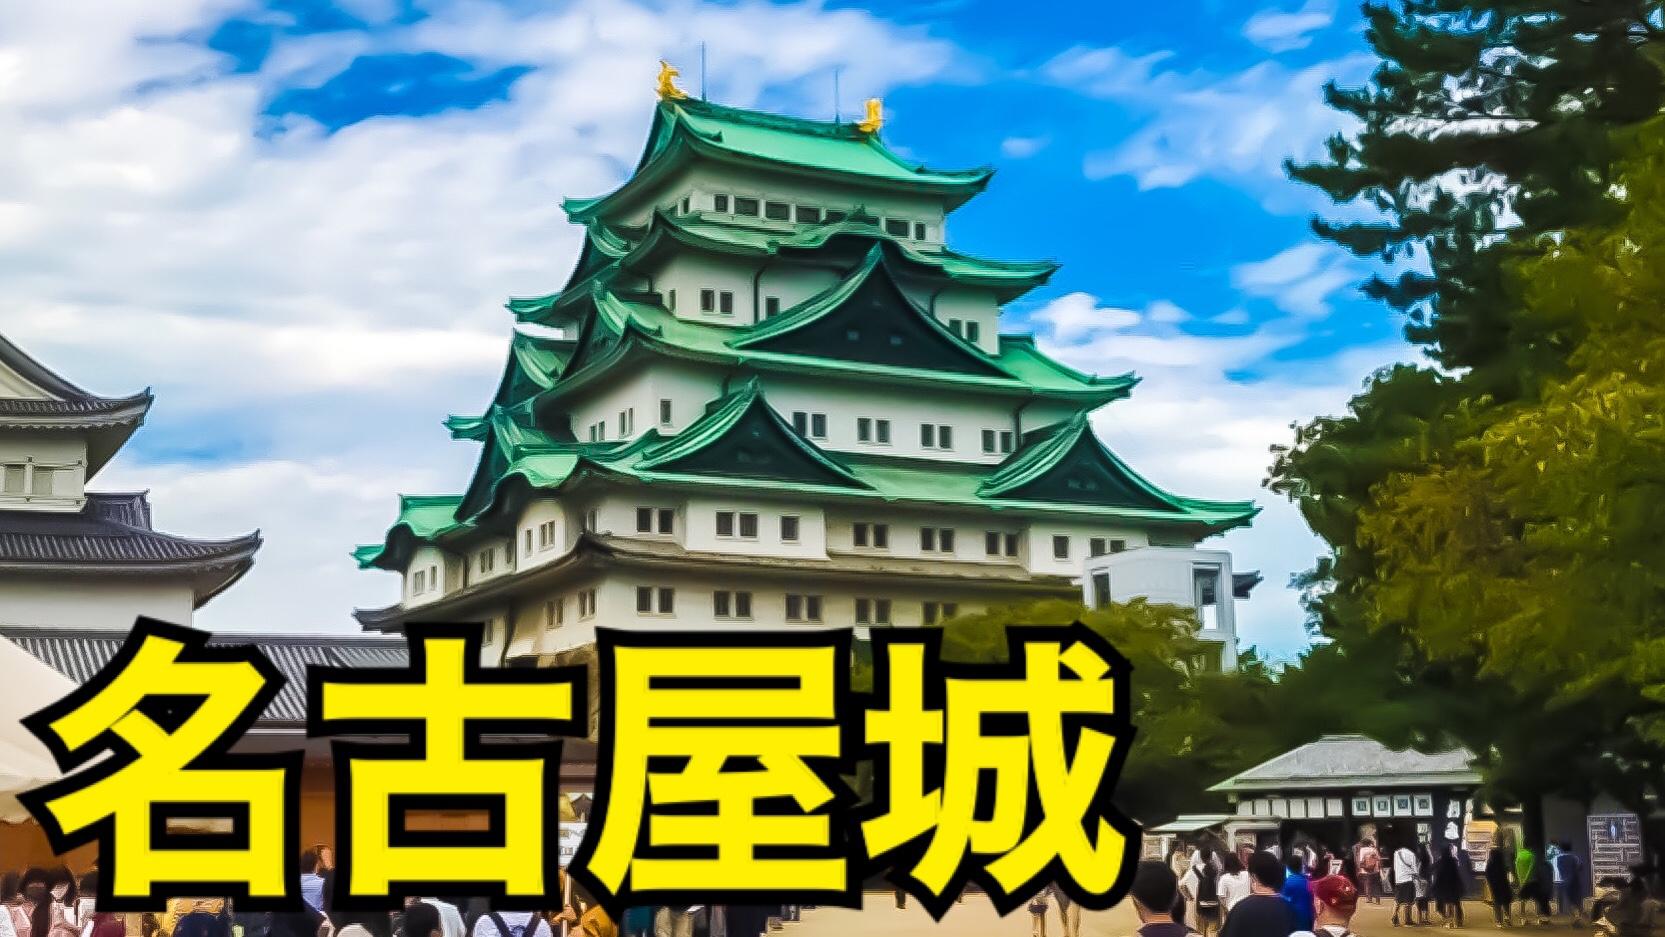 名古屋で外せない観光地!名古屋城ってどんなところ?名古屋城の基本情報、アクセスを紹介!【伊勢・名古屋の旅】